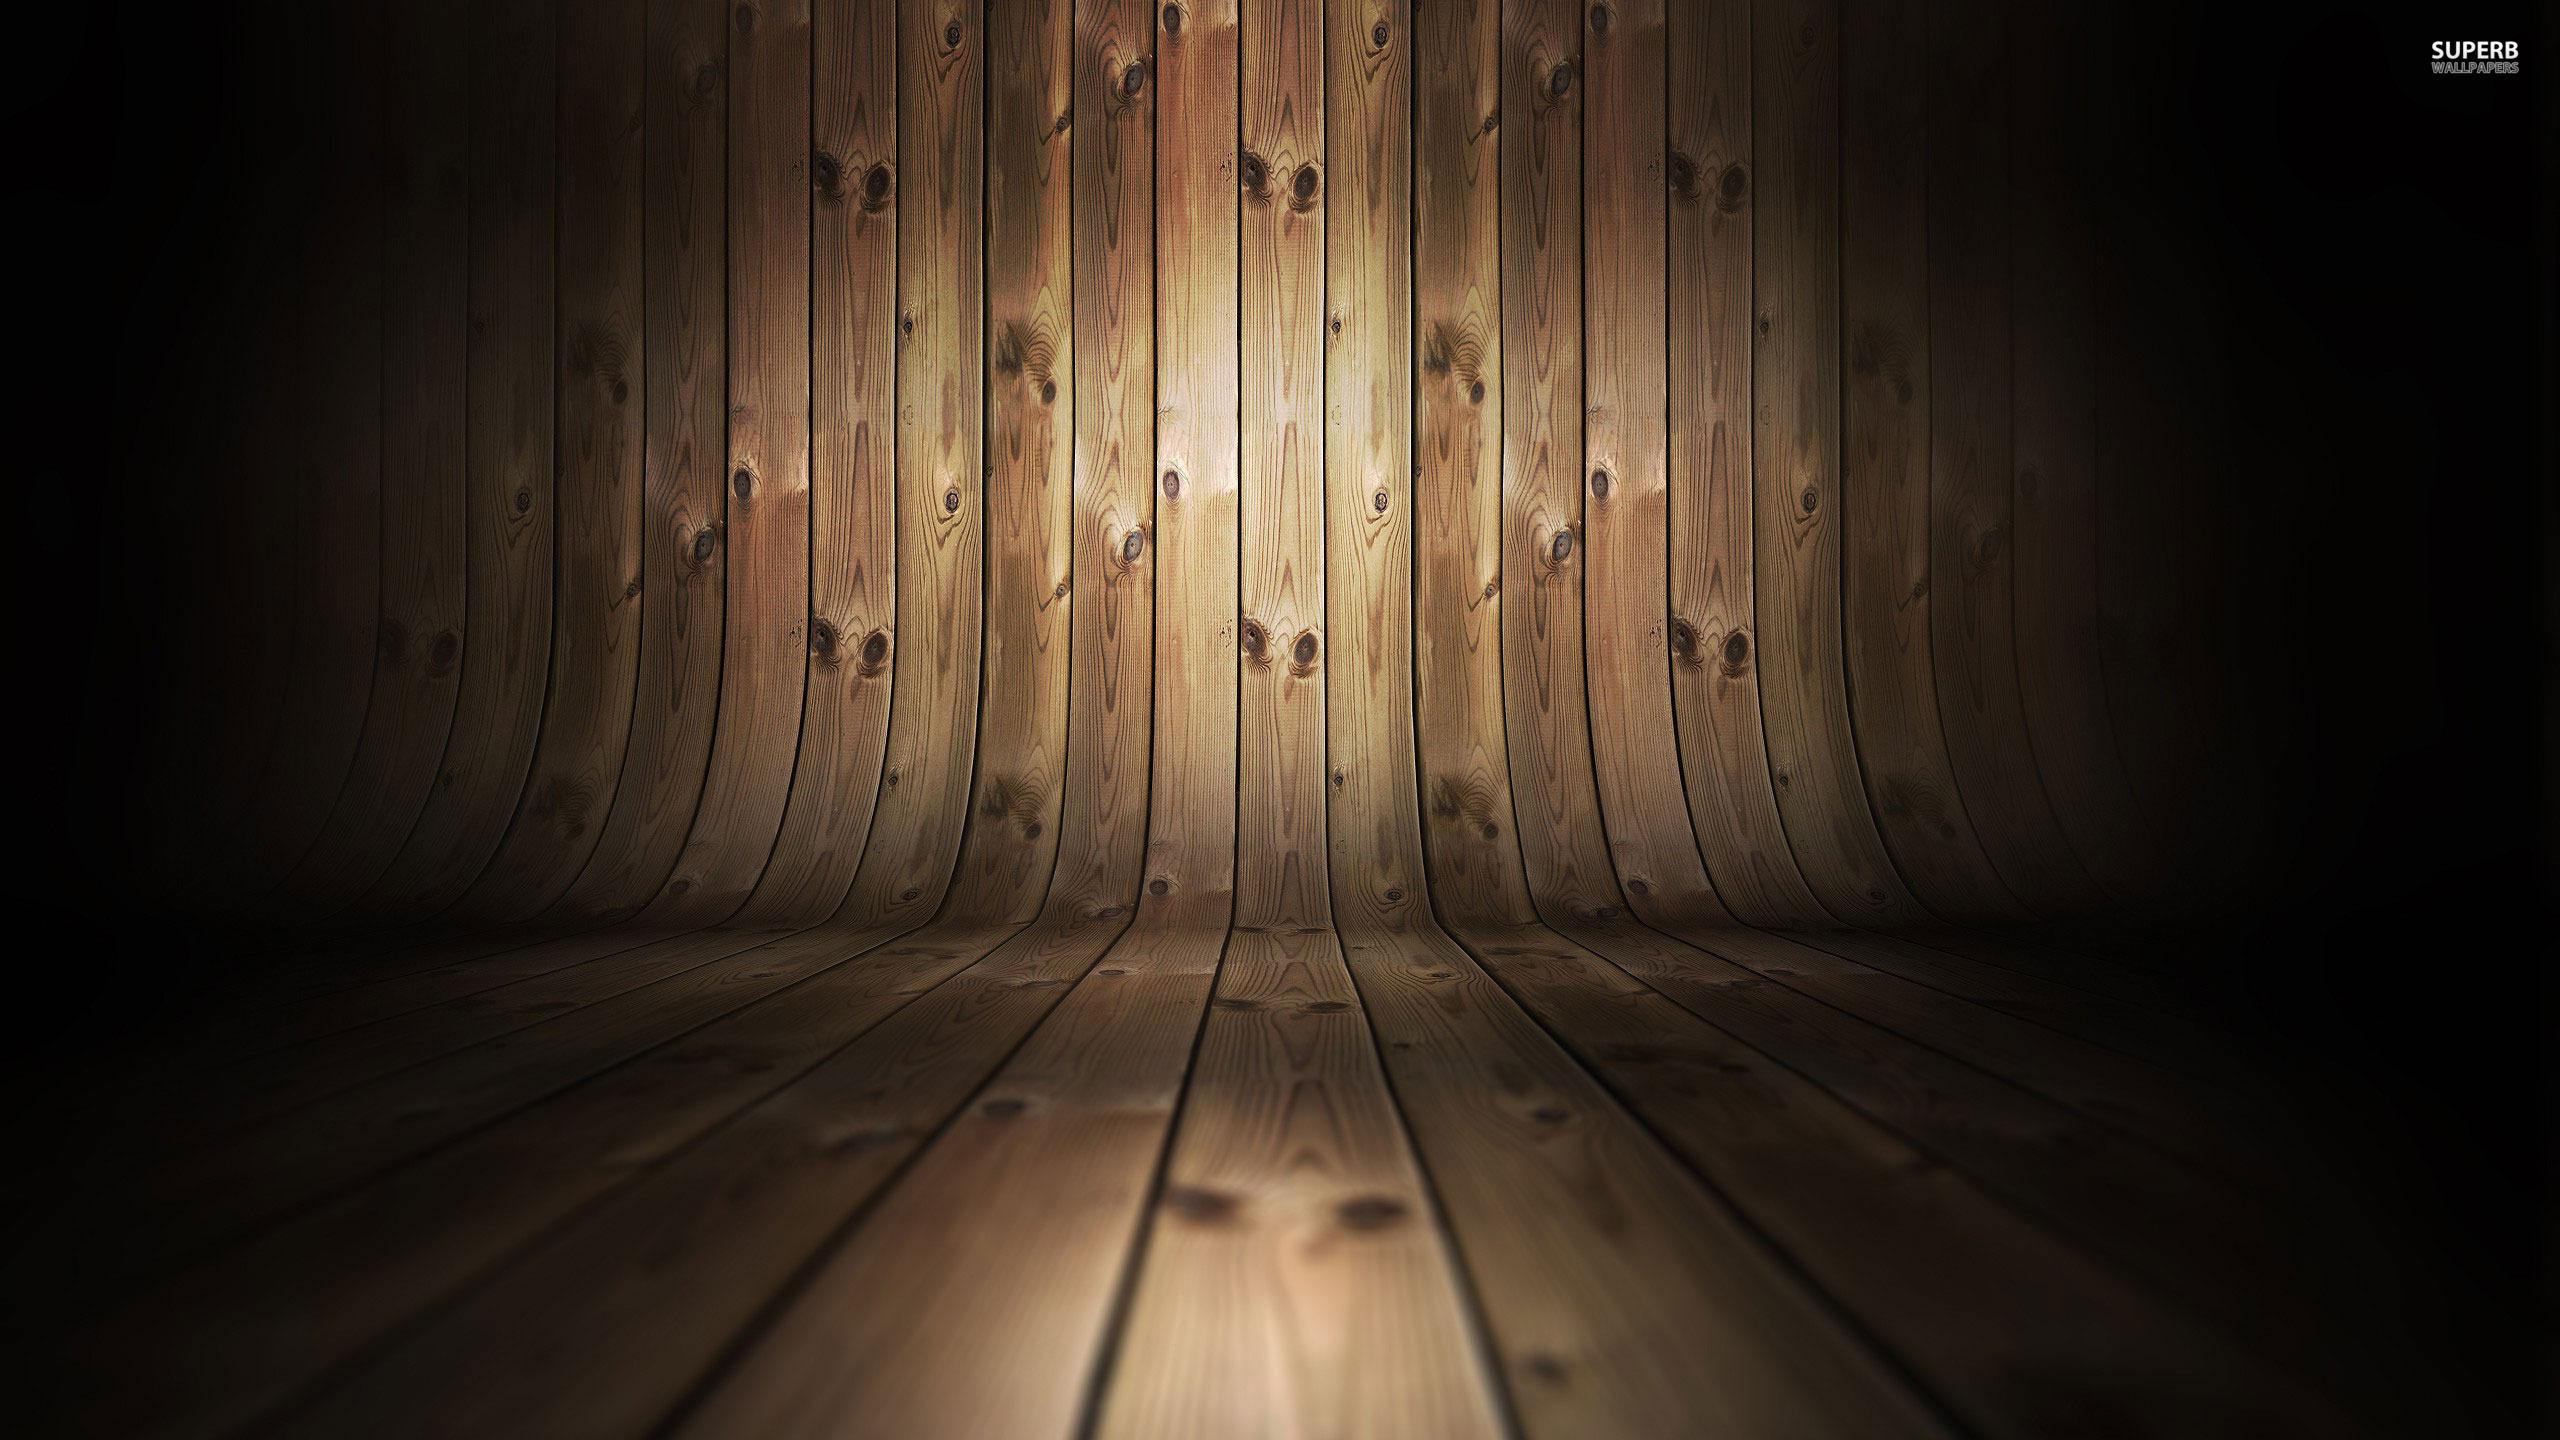 3d Wood Plank Wallpaper Wallpapersafari